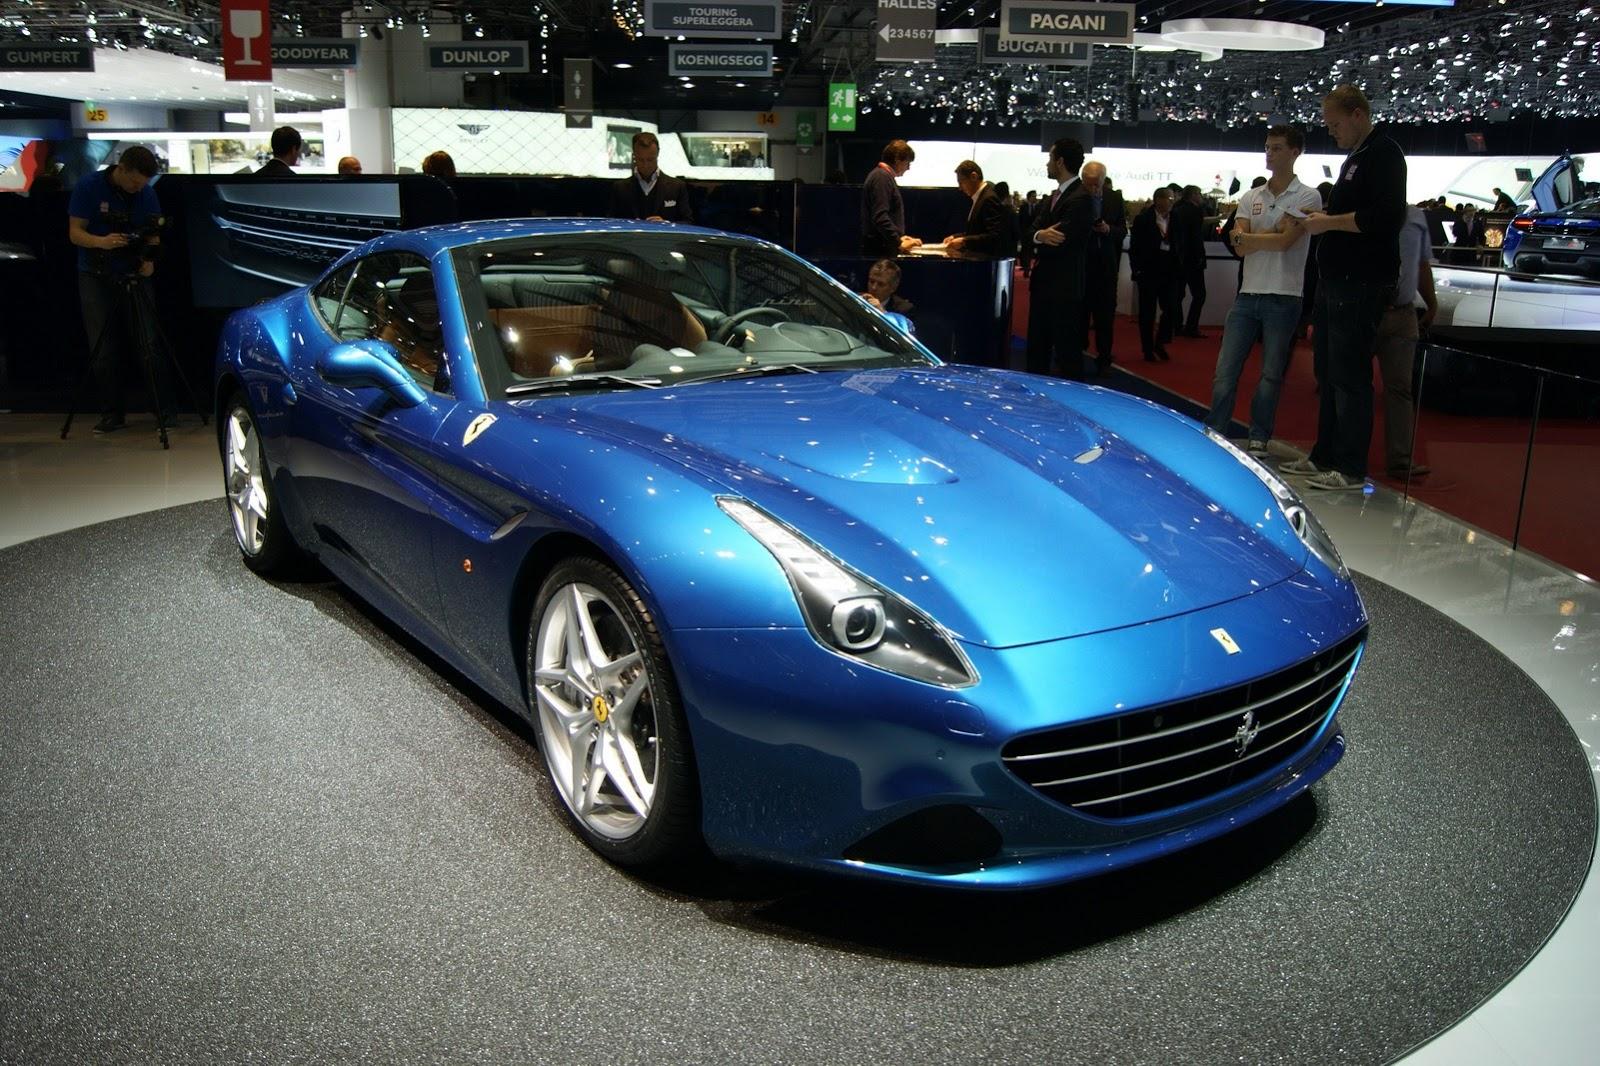 http://lh3.ggpht.com/-8KB2db7pzUc/UxZWoYCLjTI/AAAAAAAQT5k/h98xuCw8JJs/s1600/Ferrari-California-T-2%25255B2%25255D.jpg